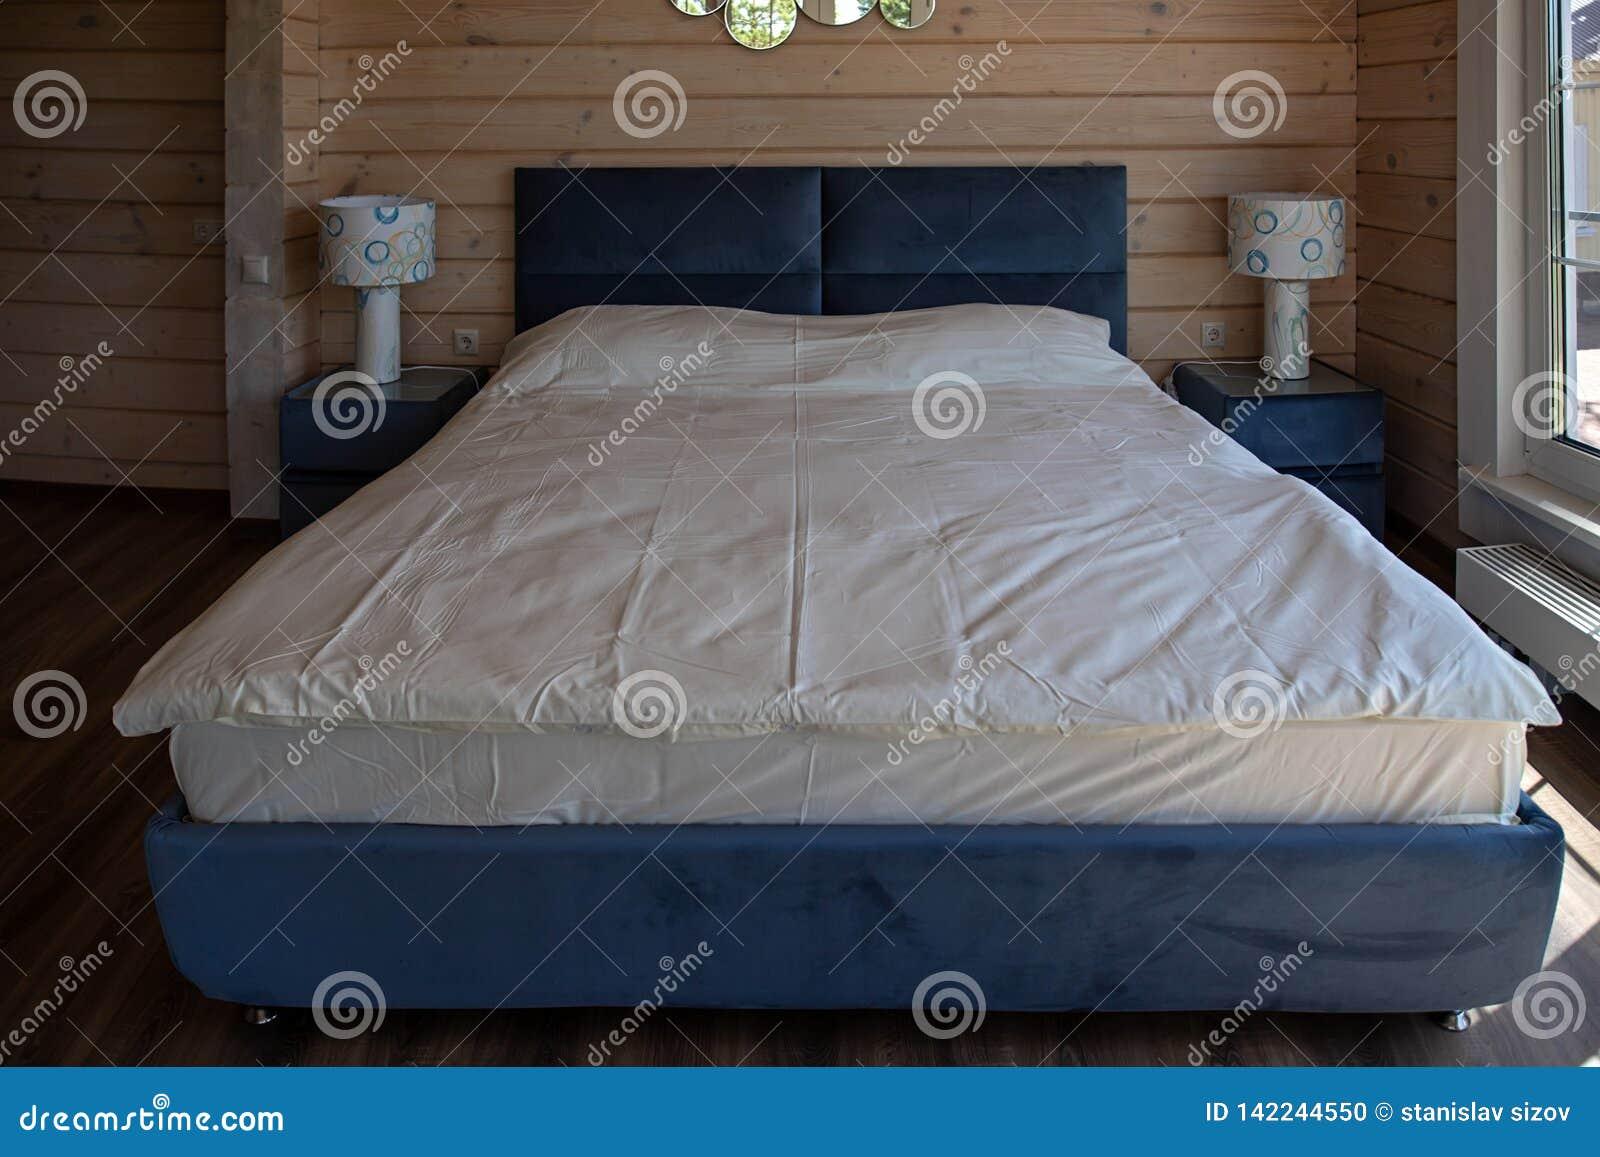 大整洁的双人床在豪华旅馆里